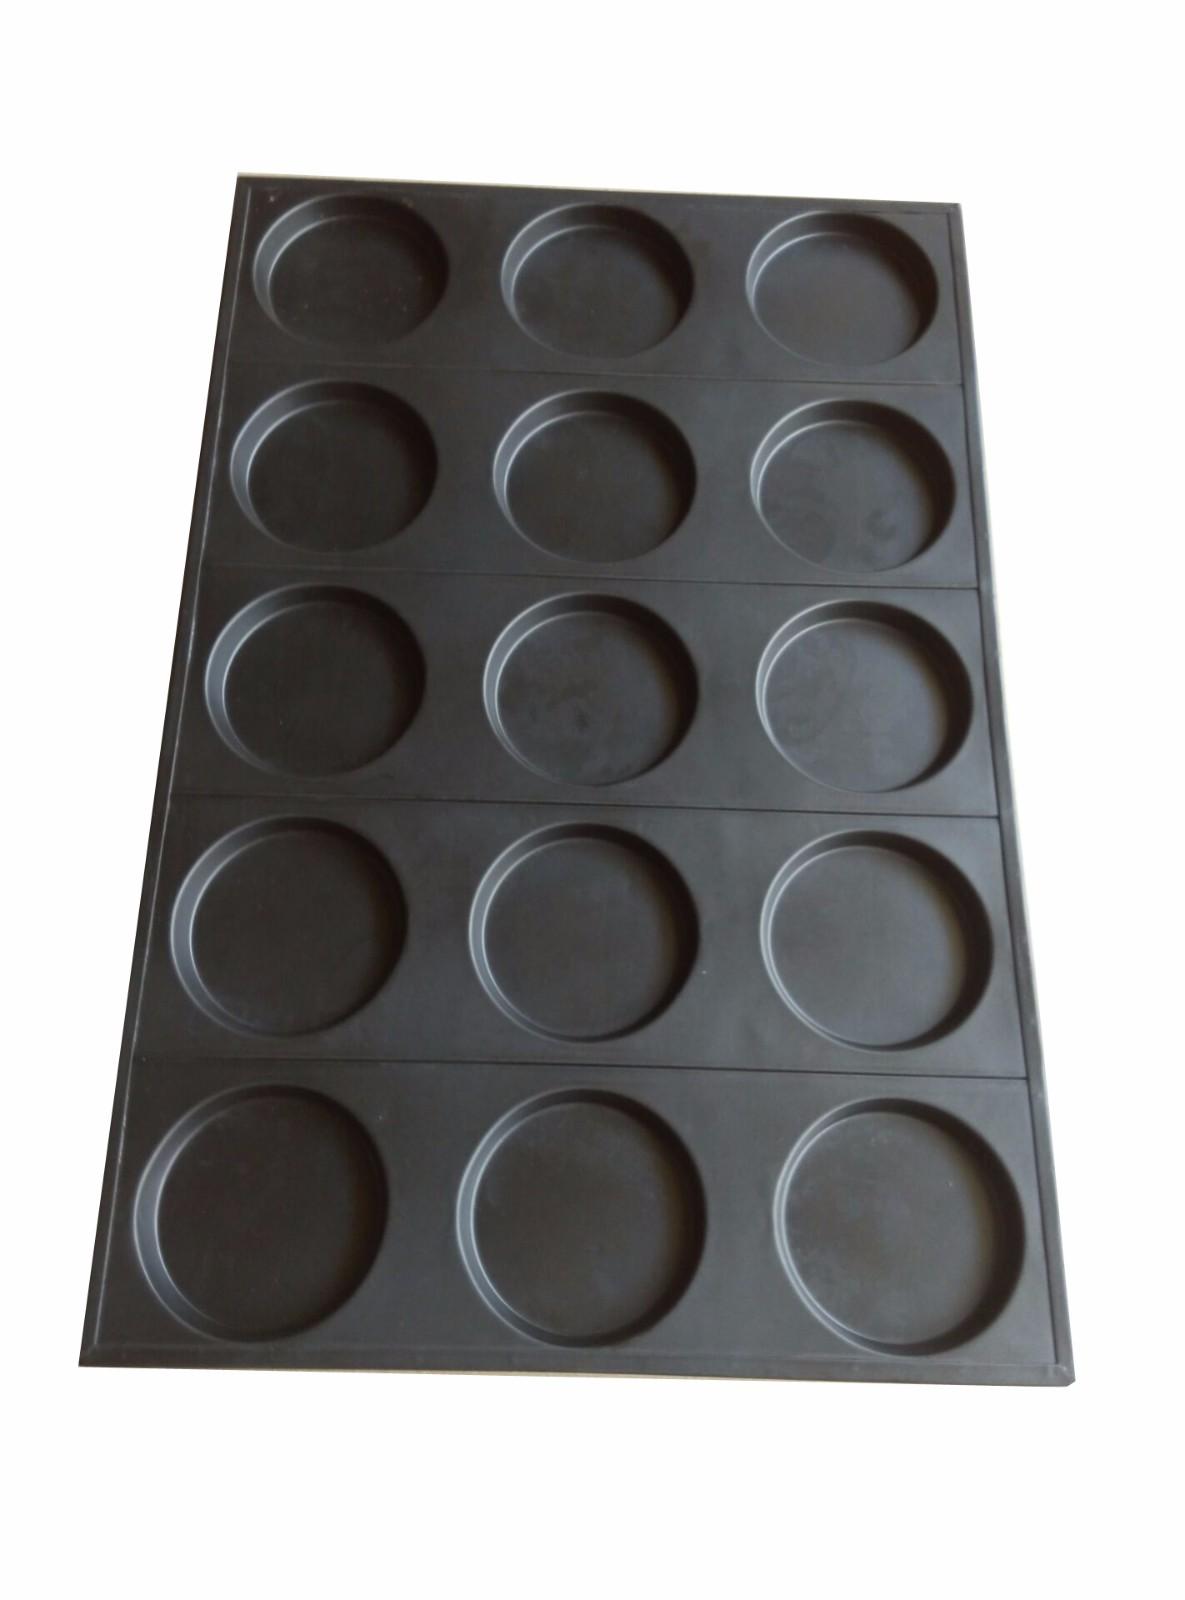 汉堡面包烤盘图片-专业的汉堡盘模具供货商